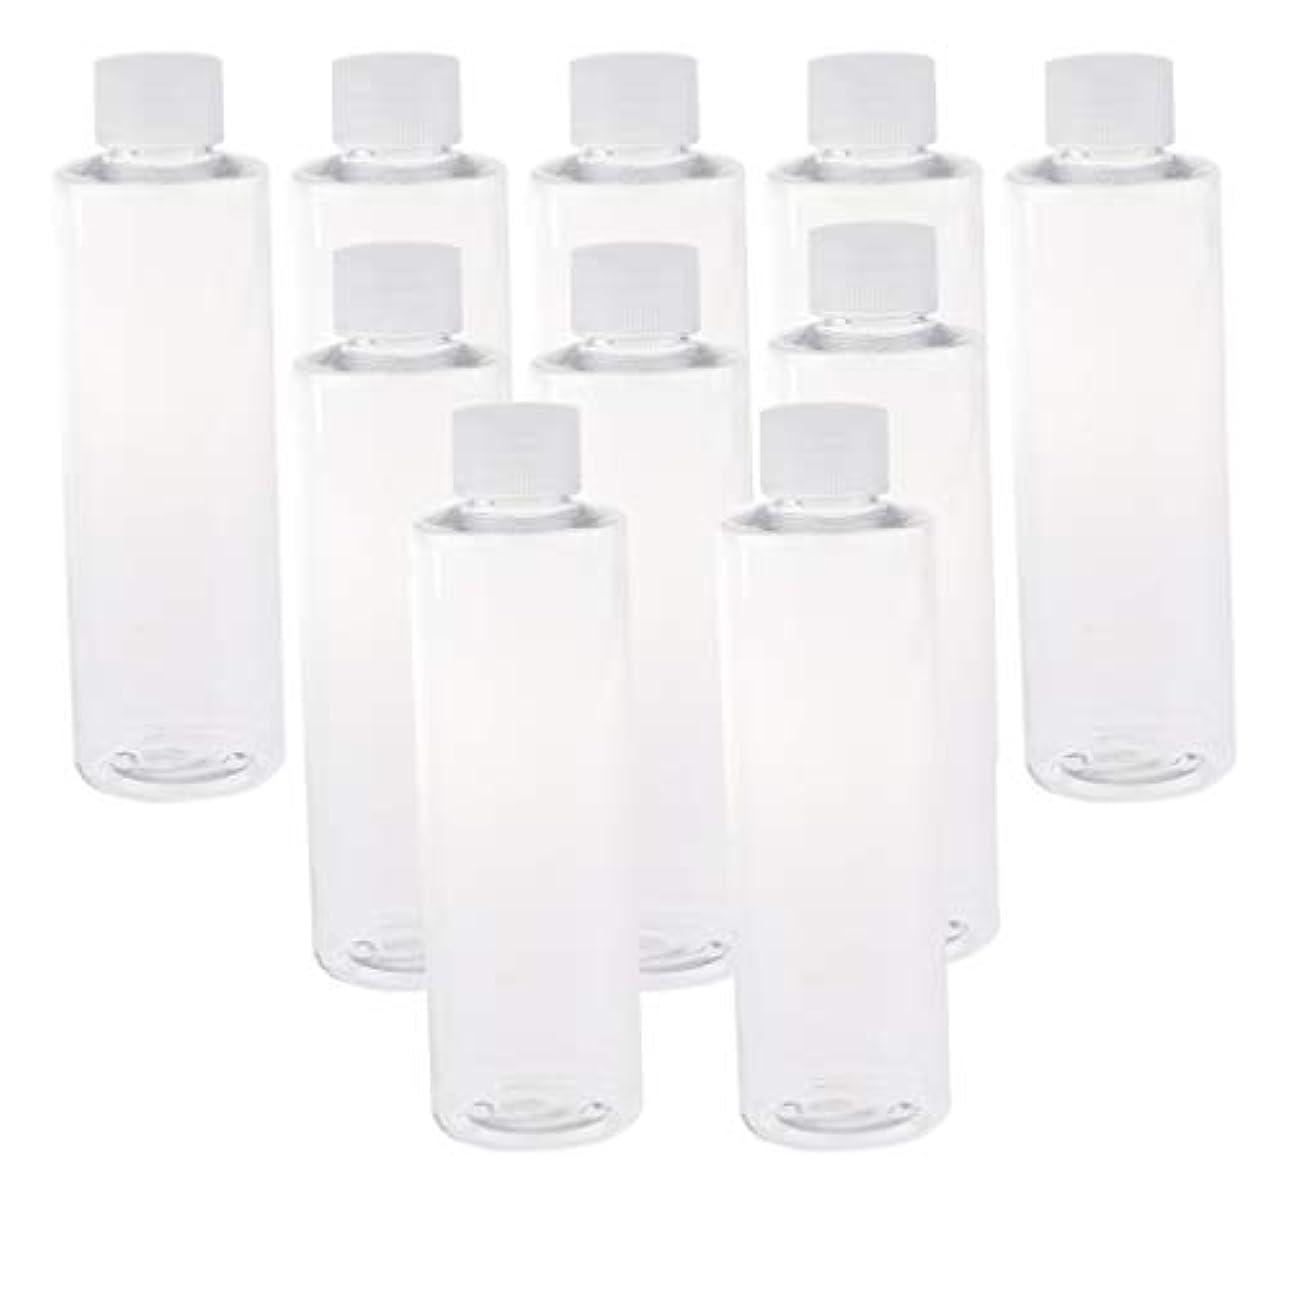 着実にゴネリル通行料金200ml透明プラスチックジュースPET容器ボトル、カラースクリューエビデントキャップ付き(多様なカラーキャップ、10個) - クリアキャップ